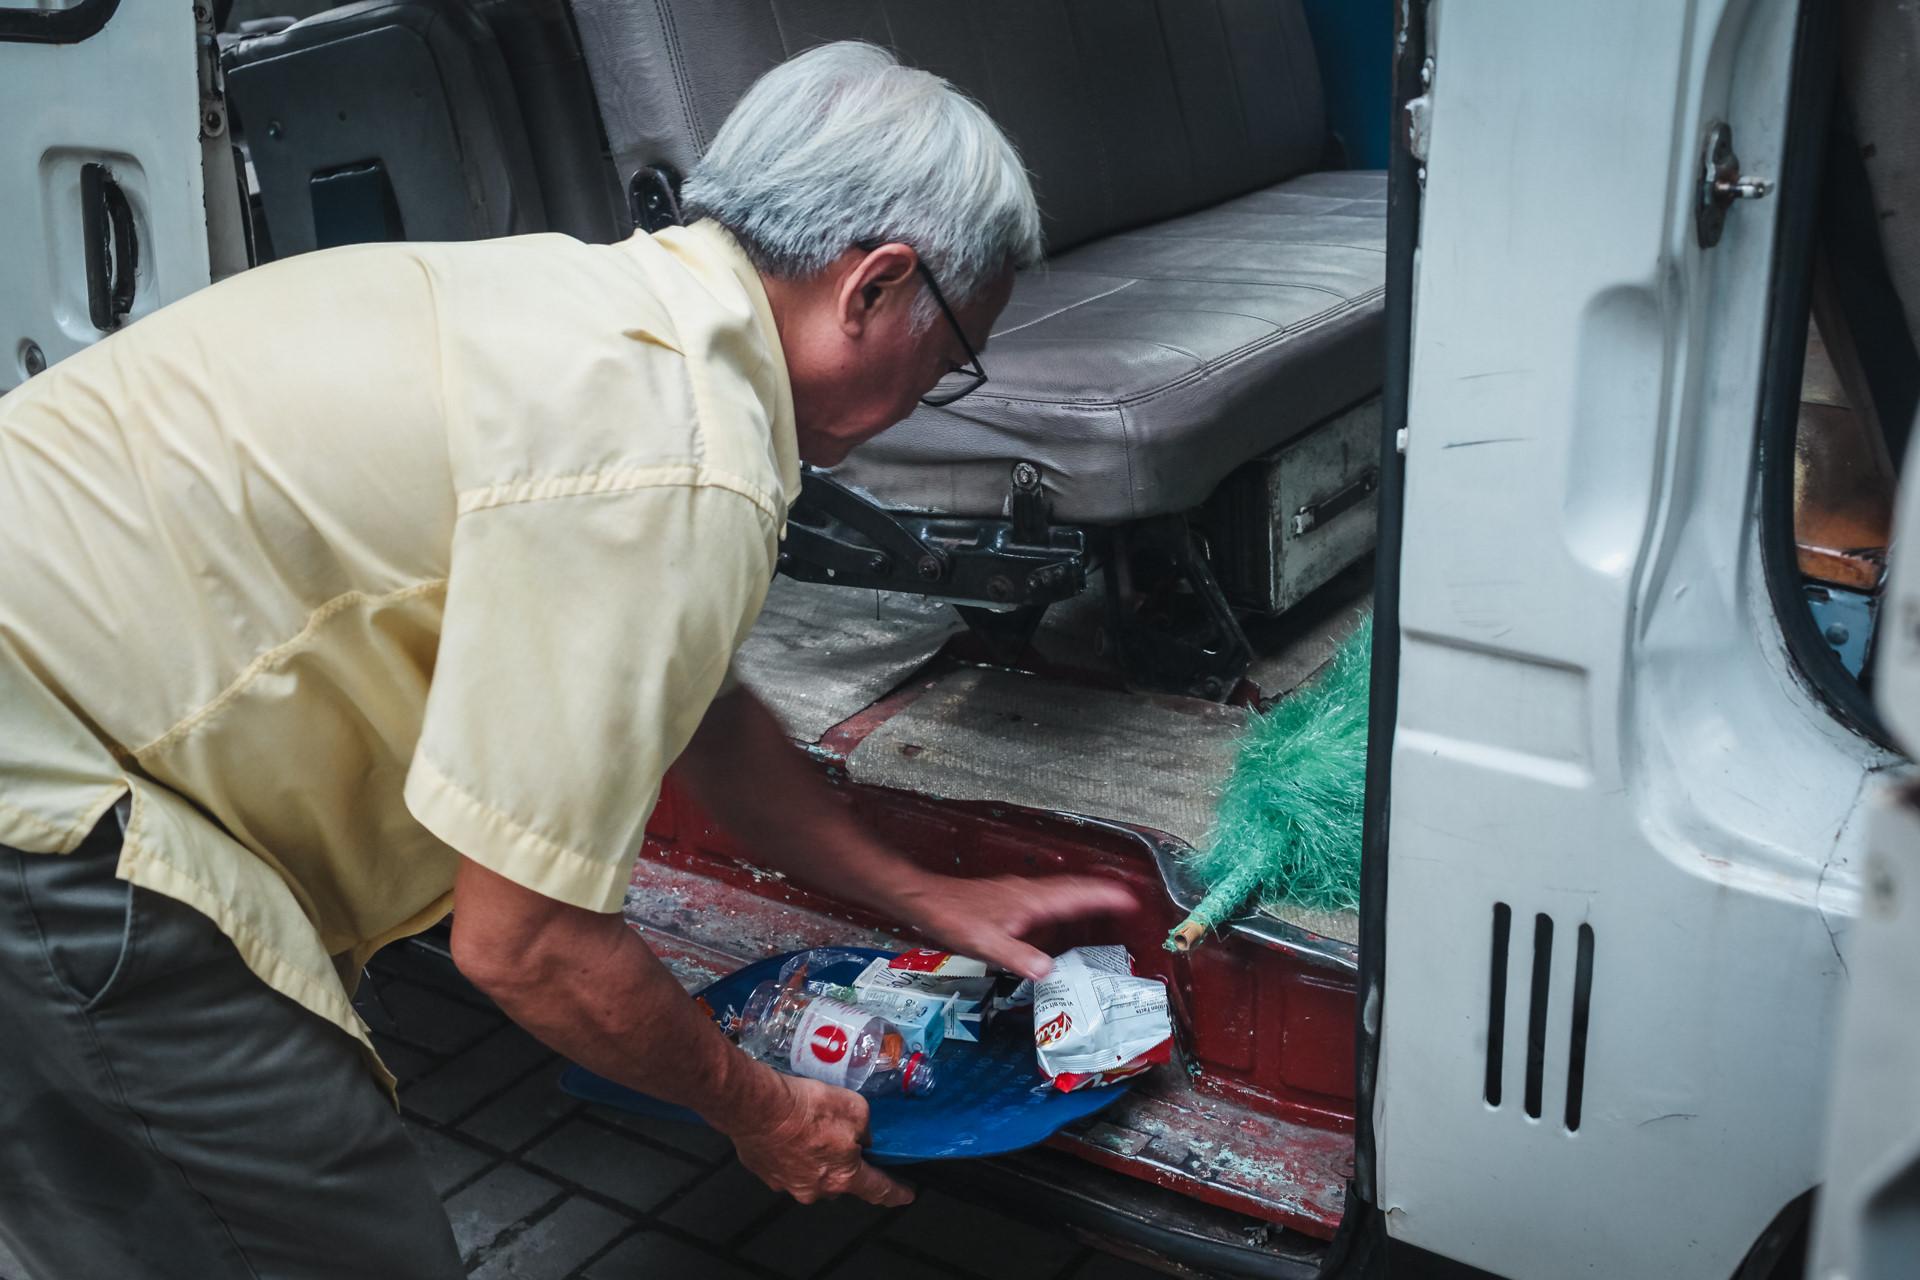 Buổi chiều, sau khi đã đưa các em về nhà, ông còn phải làm thêm một việc là dọn rác, vỏ bánh kẹo do các bé vứt lại trên xe. Mình dặn nó có ăn bánh kẹo thì vứt trên xe để mình dọn chứ không được vứt xuống đường , ông Thuyết tâm sự.